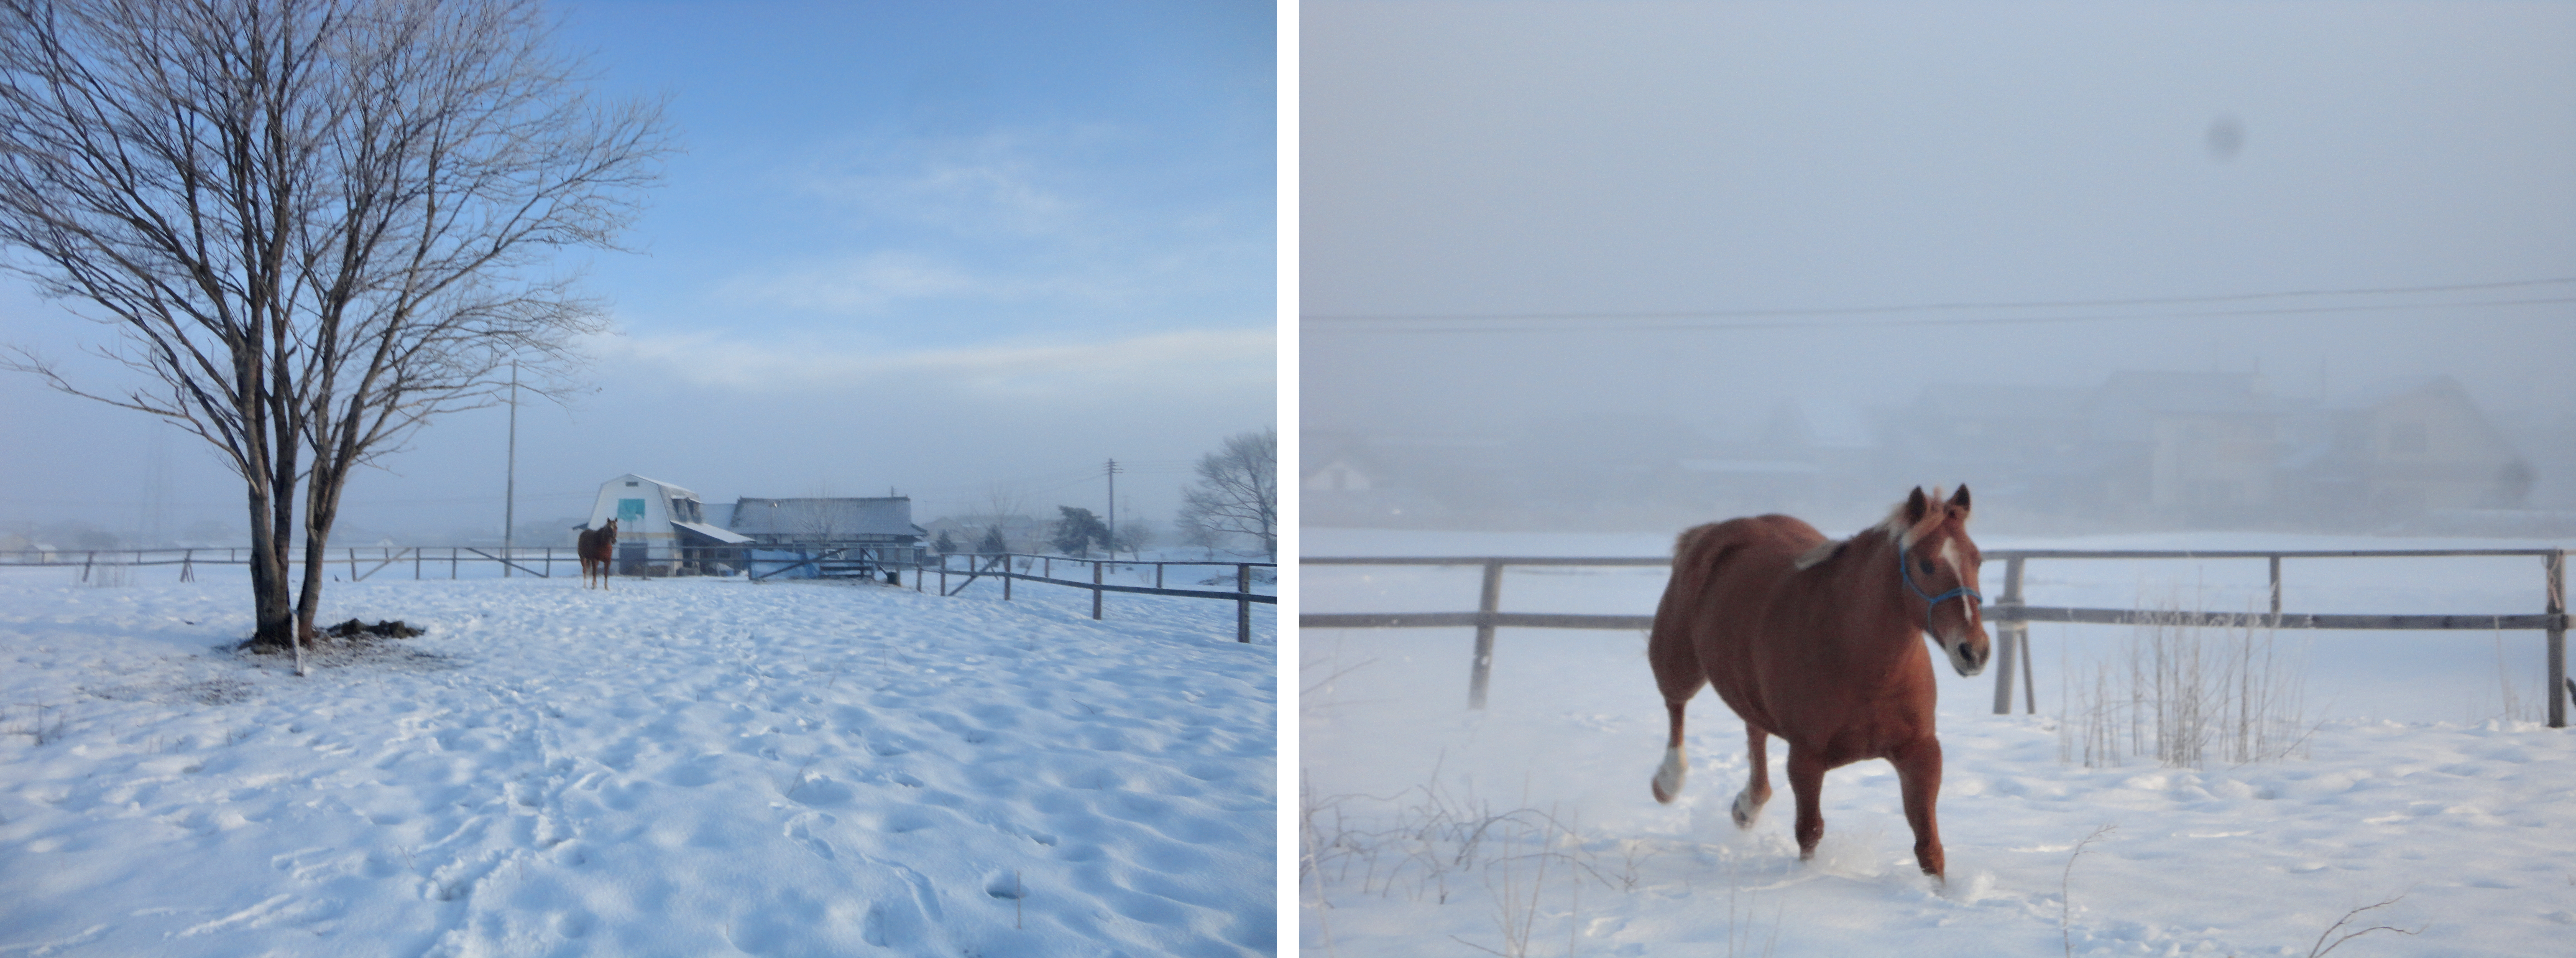 雪原を駆ける馬